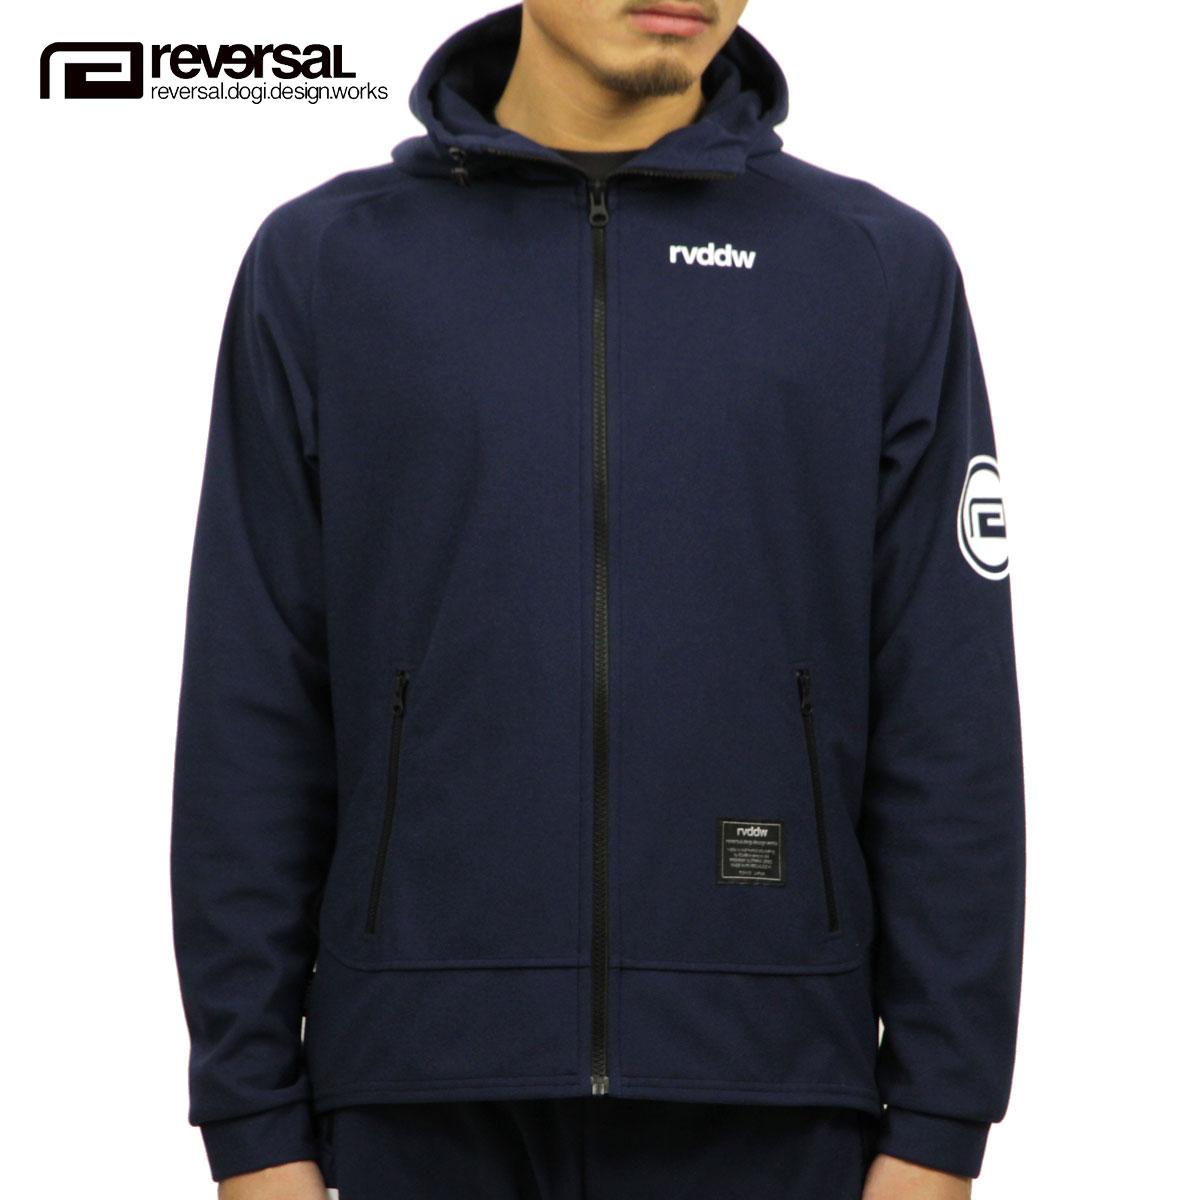 リバーサル REVERSAL 正規販売店 メンズ アウター ジップアップジャケット TECH ZIP UP HOODIE rv18aw006 NAVY